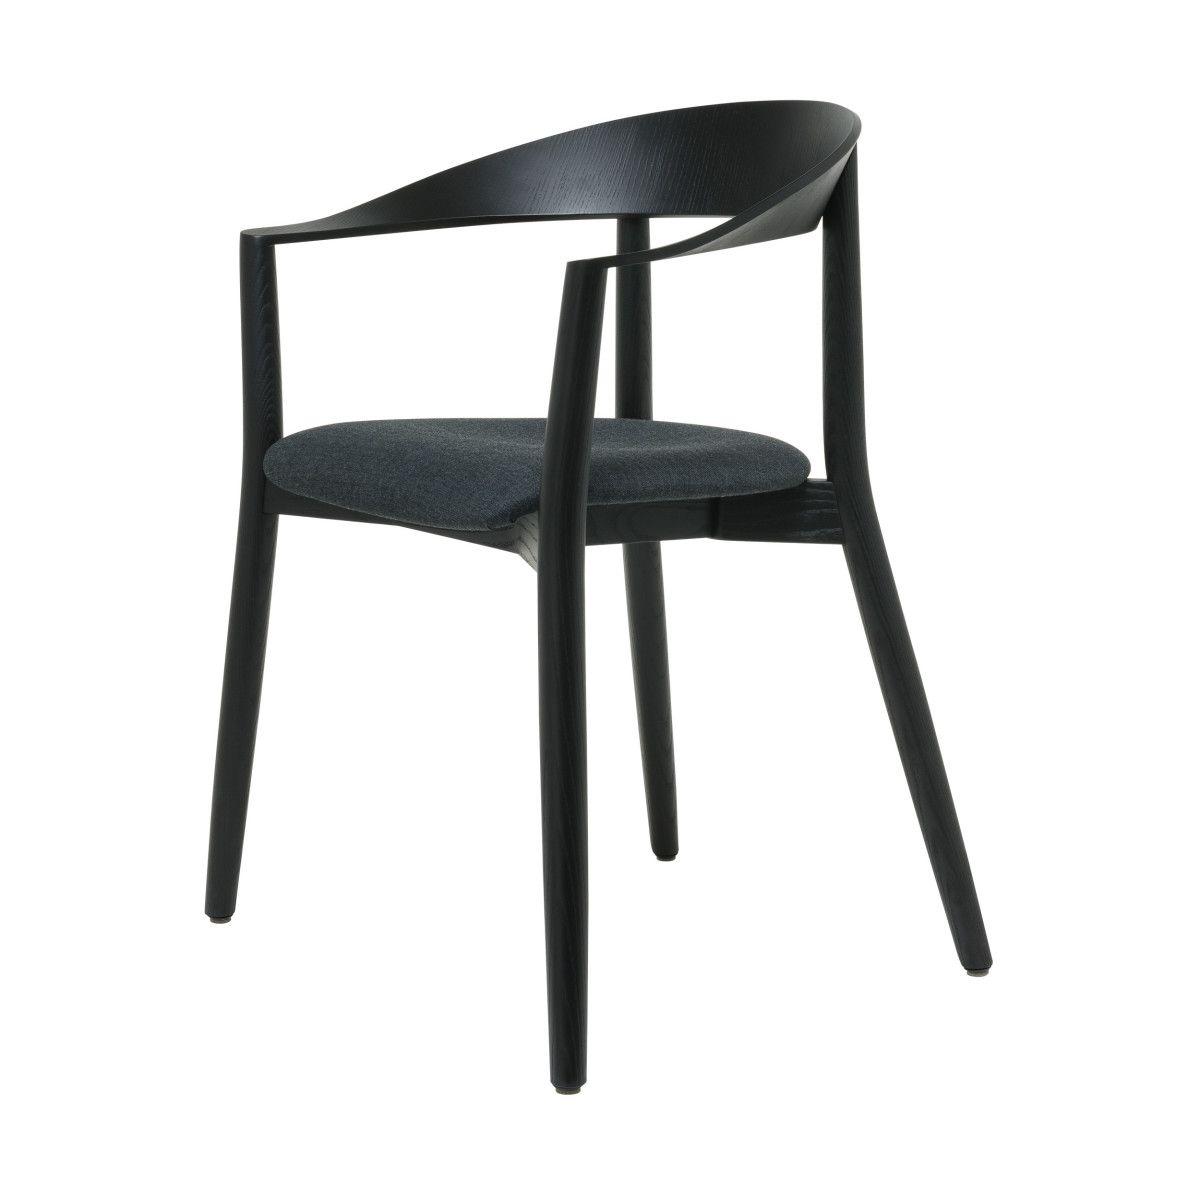 Groß Ercol Küchenstuhl Sitzpolster Bilder - Küche Set Ideen ...